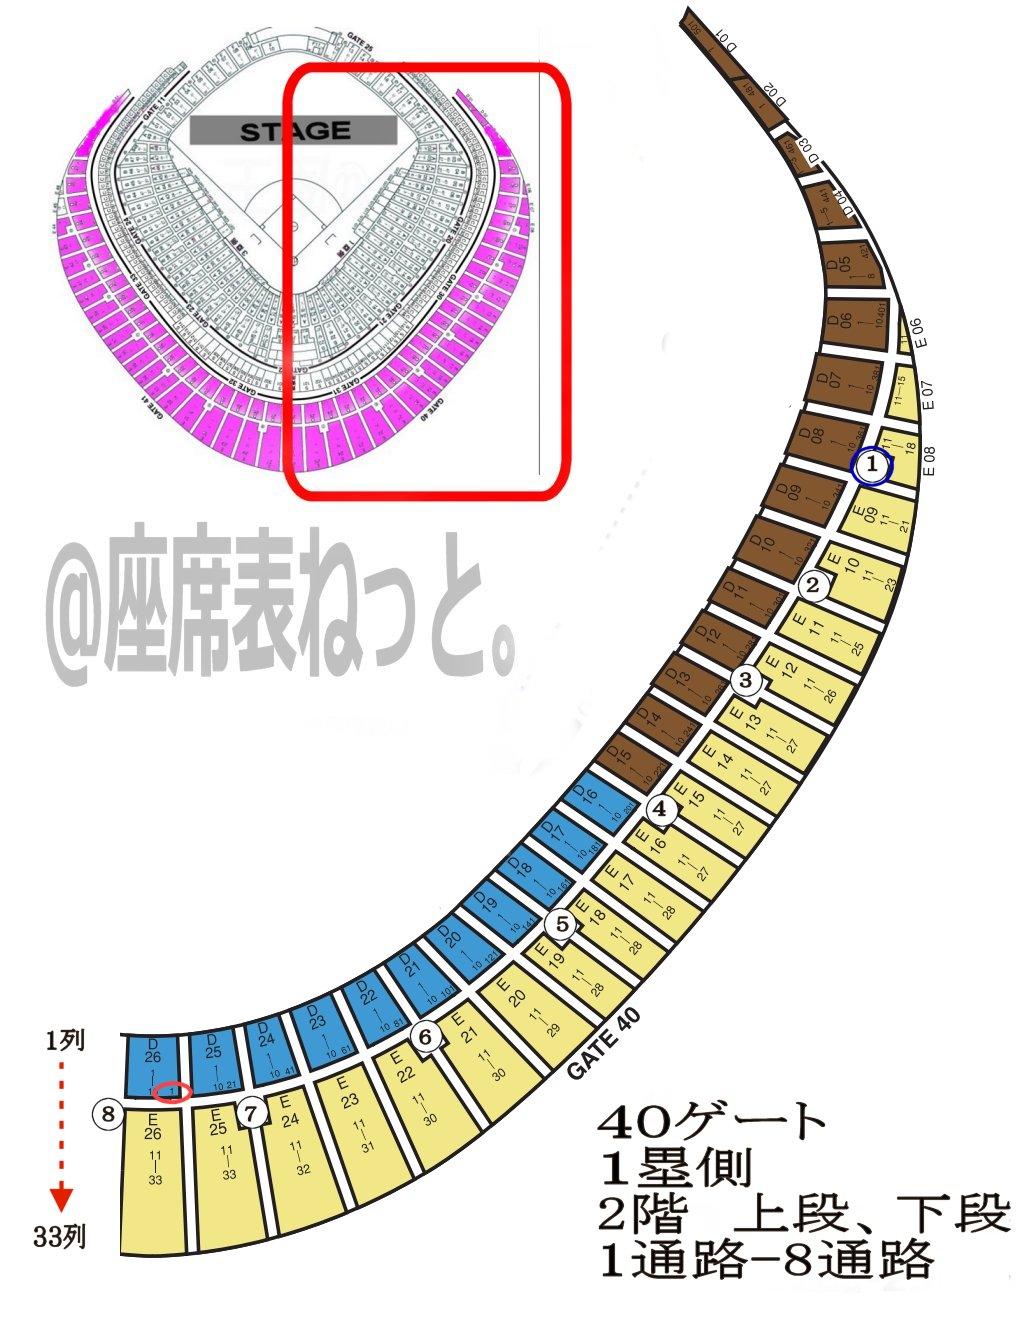 東京ドーム 40ゲート  1塁側   2階上段 1から8通路  2階下段 1から8通路 詳細座席表